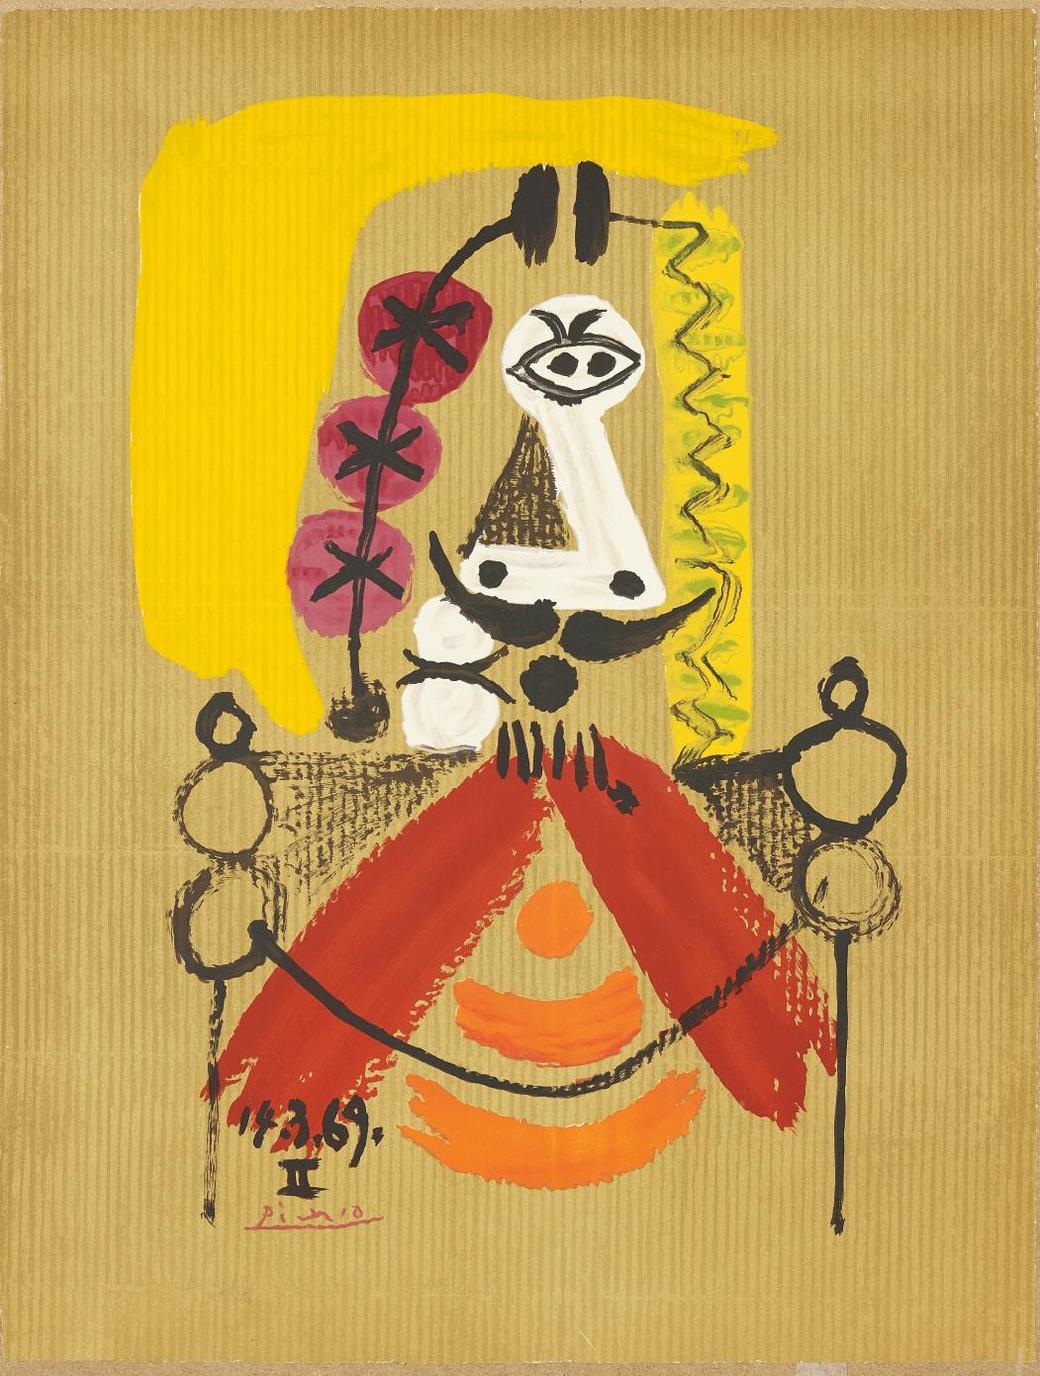 After Pablo Picasso - Portrait Imaginaire (Imaginary Portrait): One Plate-1969